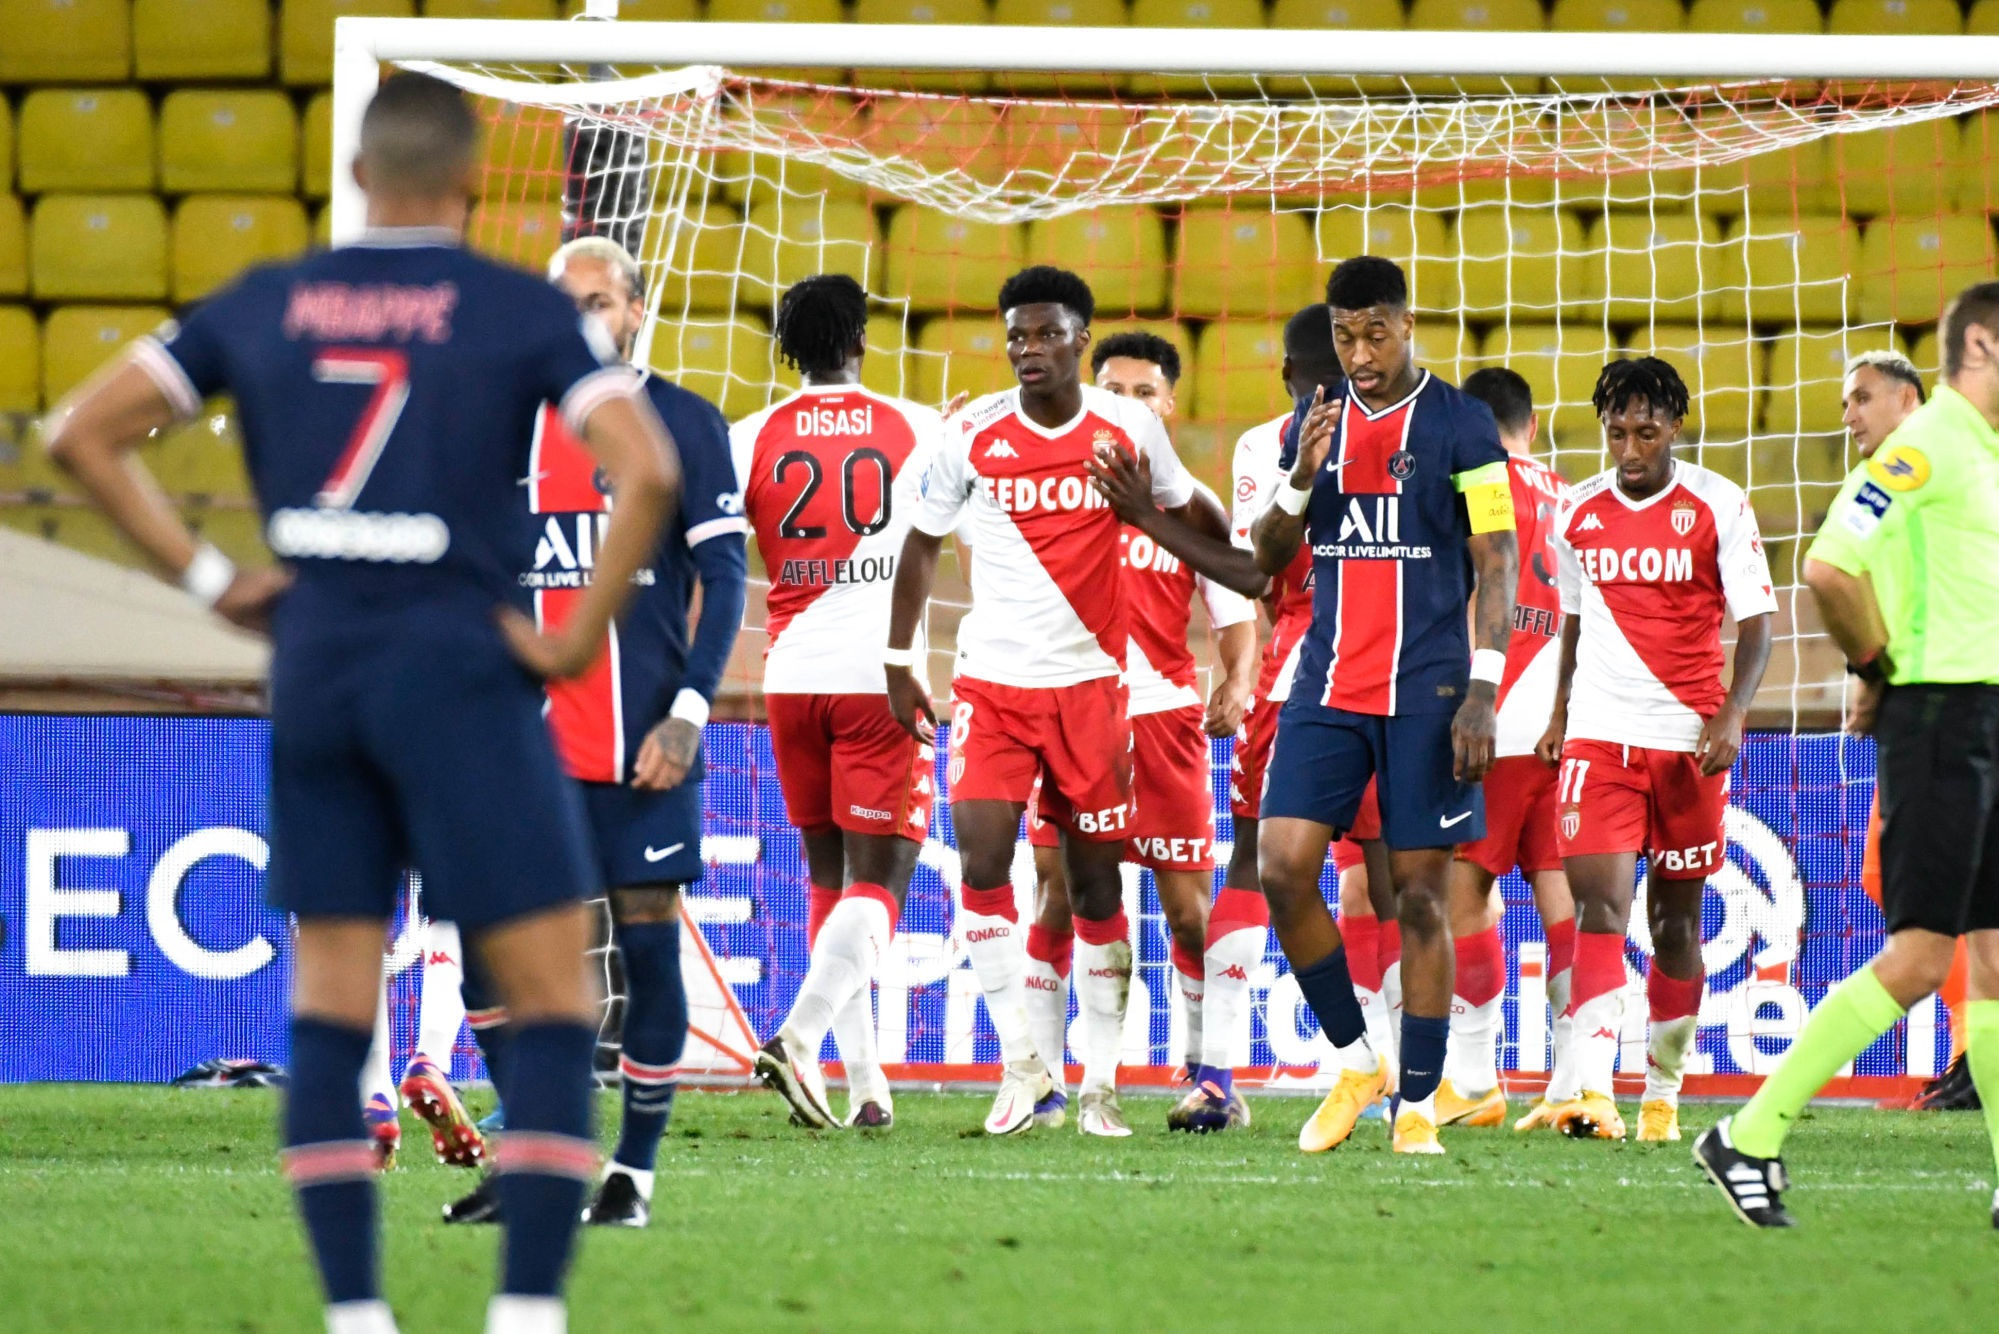 Monaco/PSG - Les notes des Parisiens dans la presse : peu de joueurs ont la moyenne